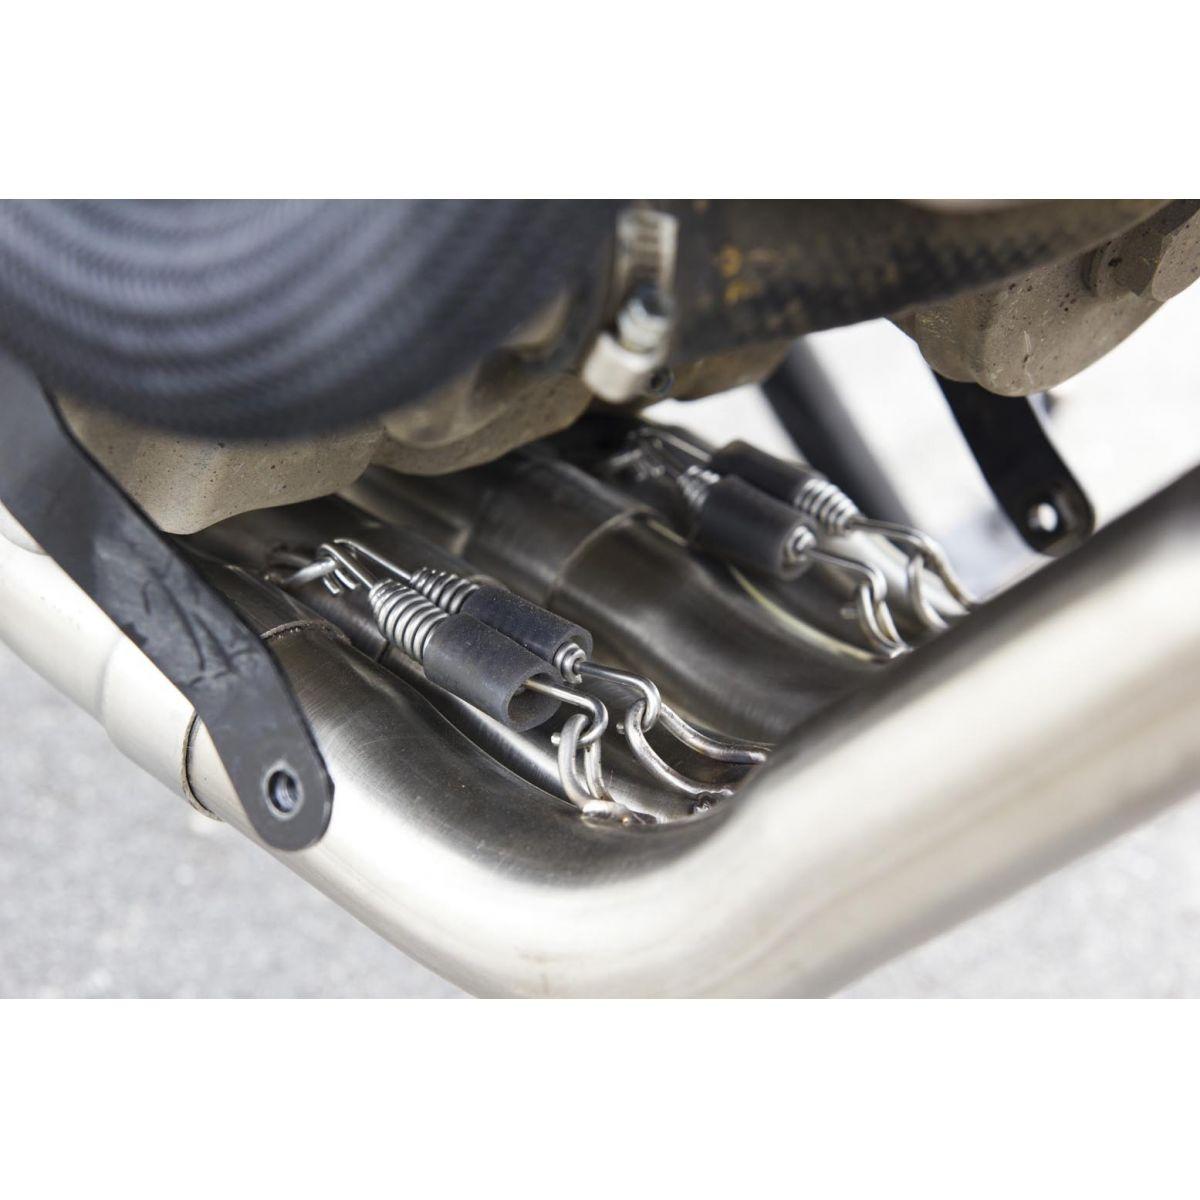 Ponteira Esportiva Shark Carbon S620 p/ Yamaha XJ6 Full 4x2x1